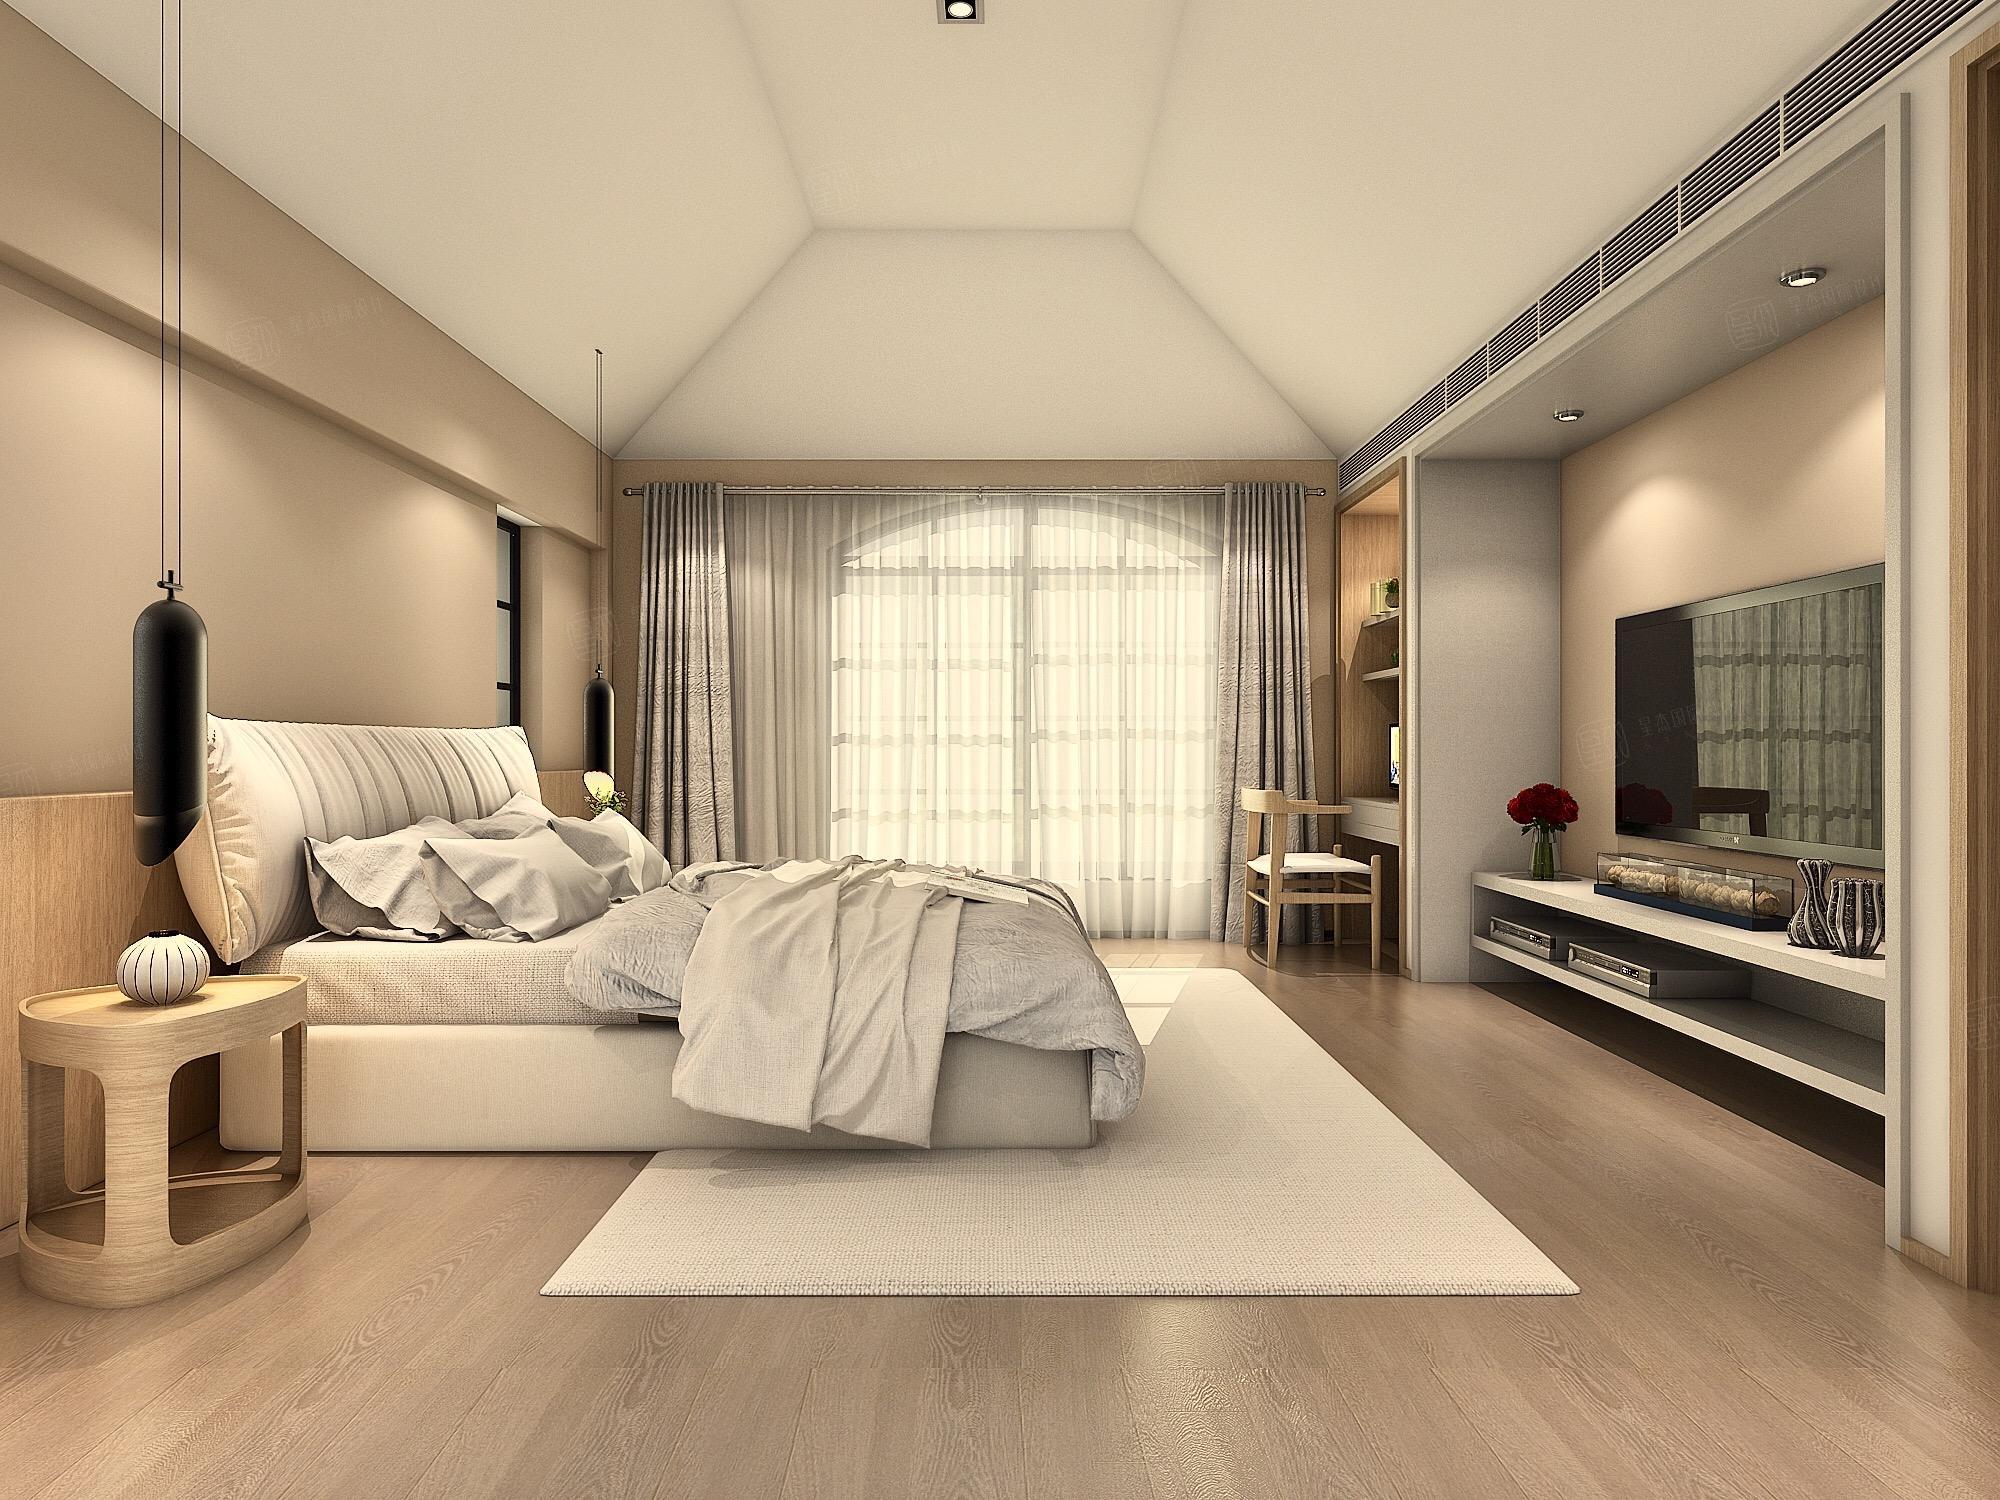 中金海棠湾 韩式现代简约装修卧室效果图